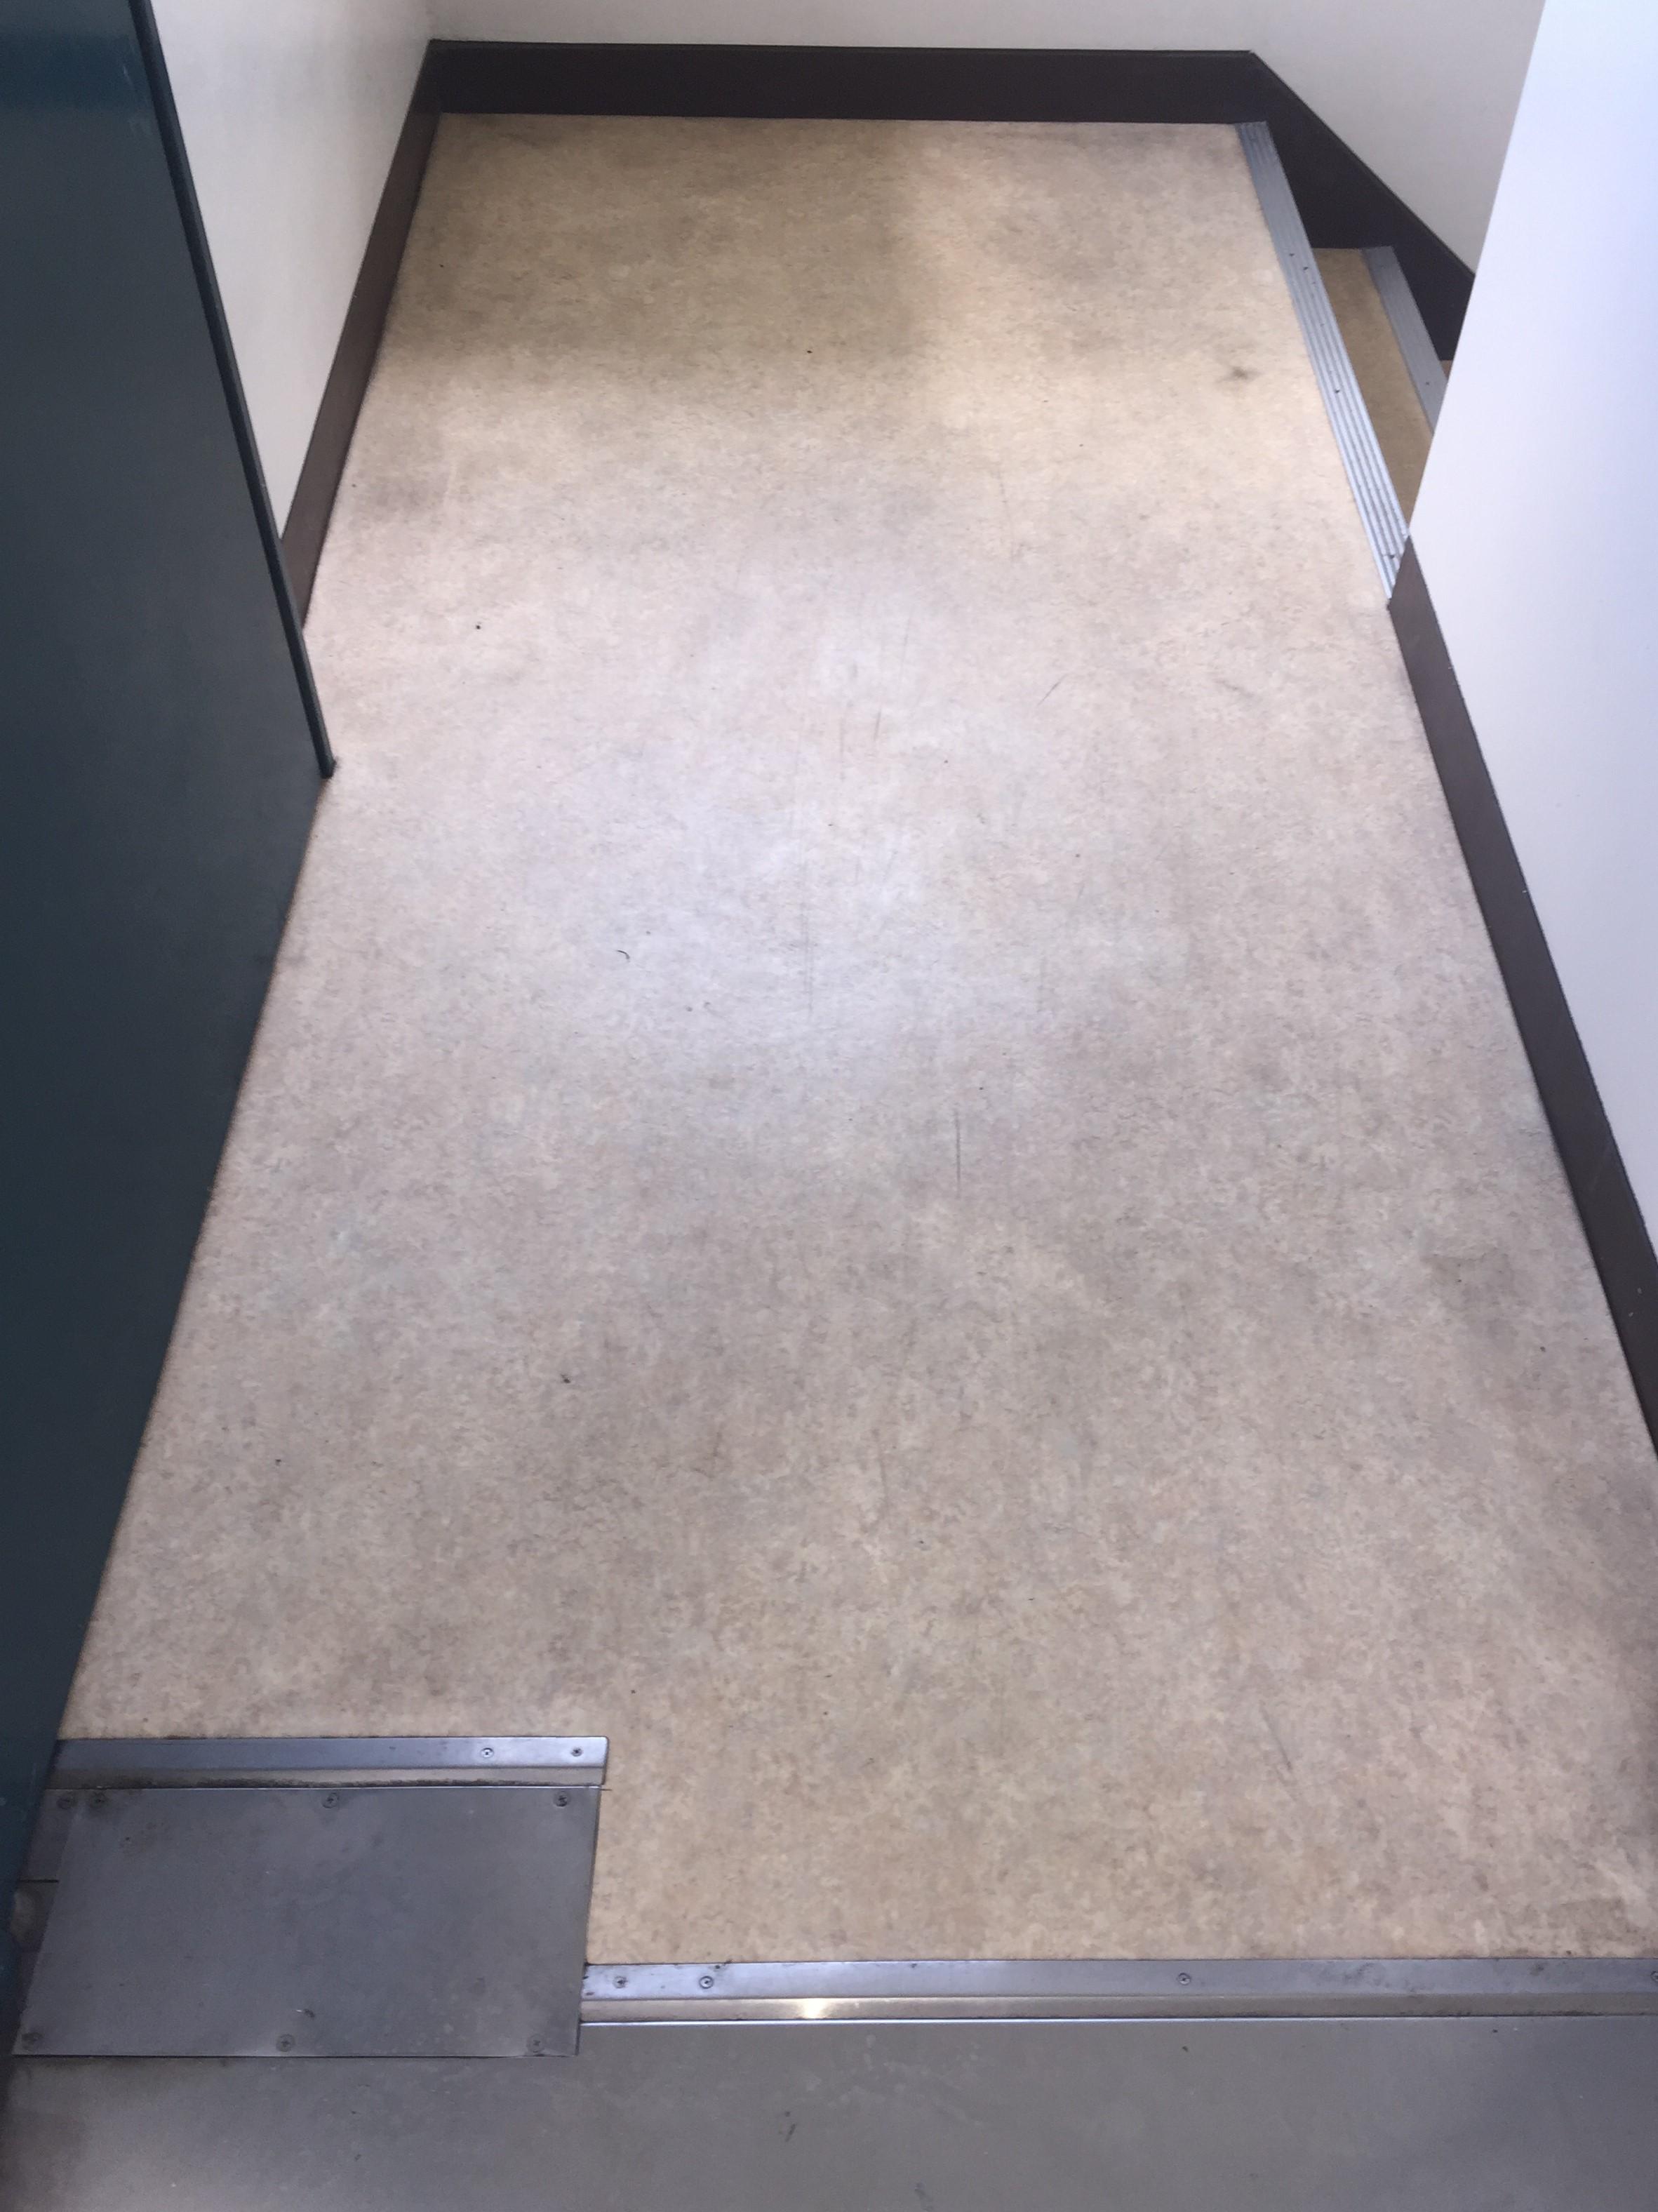 床清掃~共用スペース~丁寧な拭き掃除で床の汚れを取り除きます♪